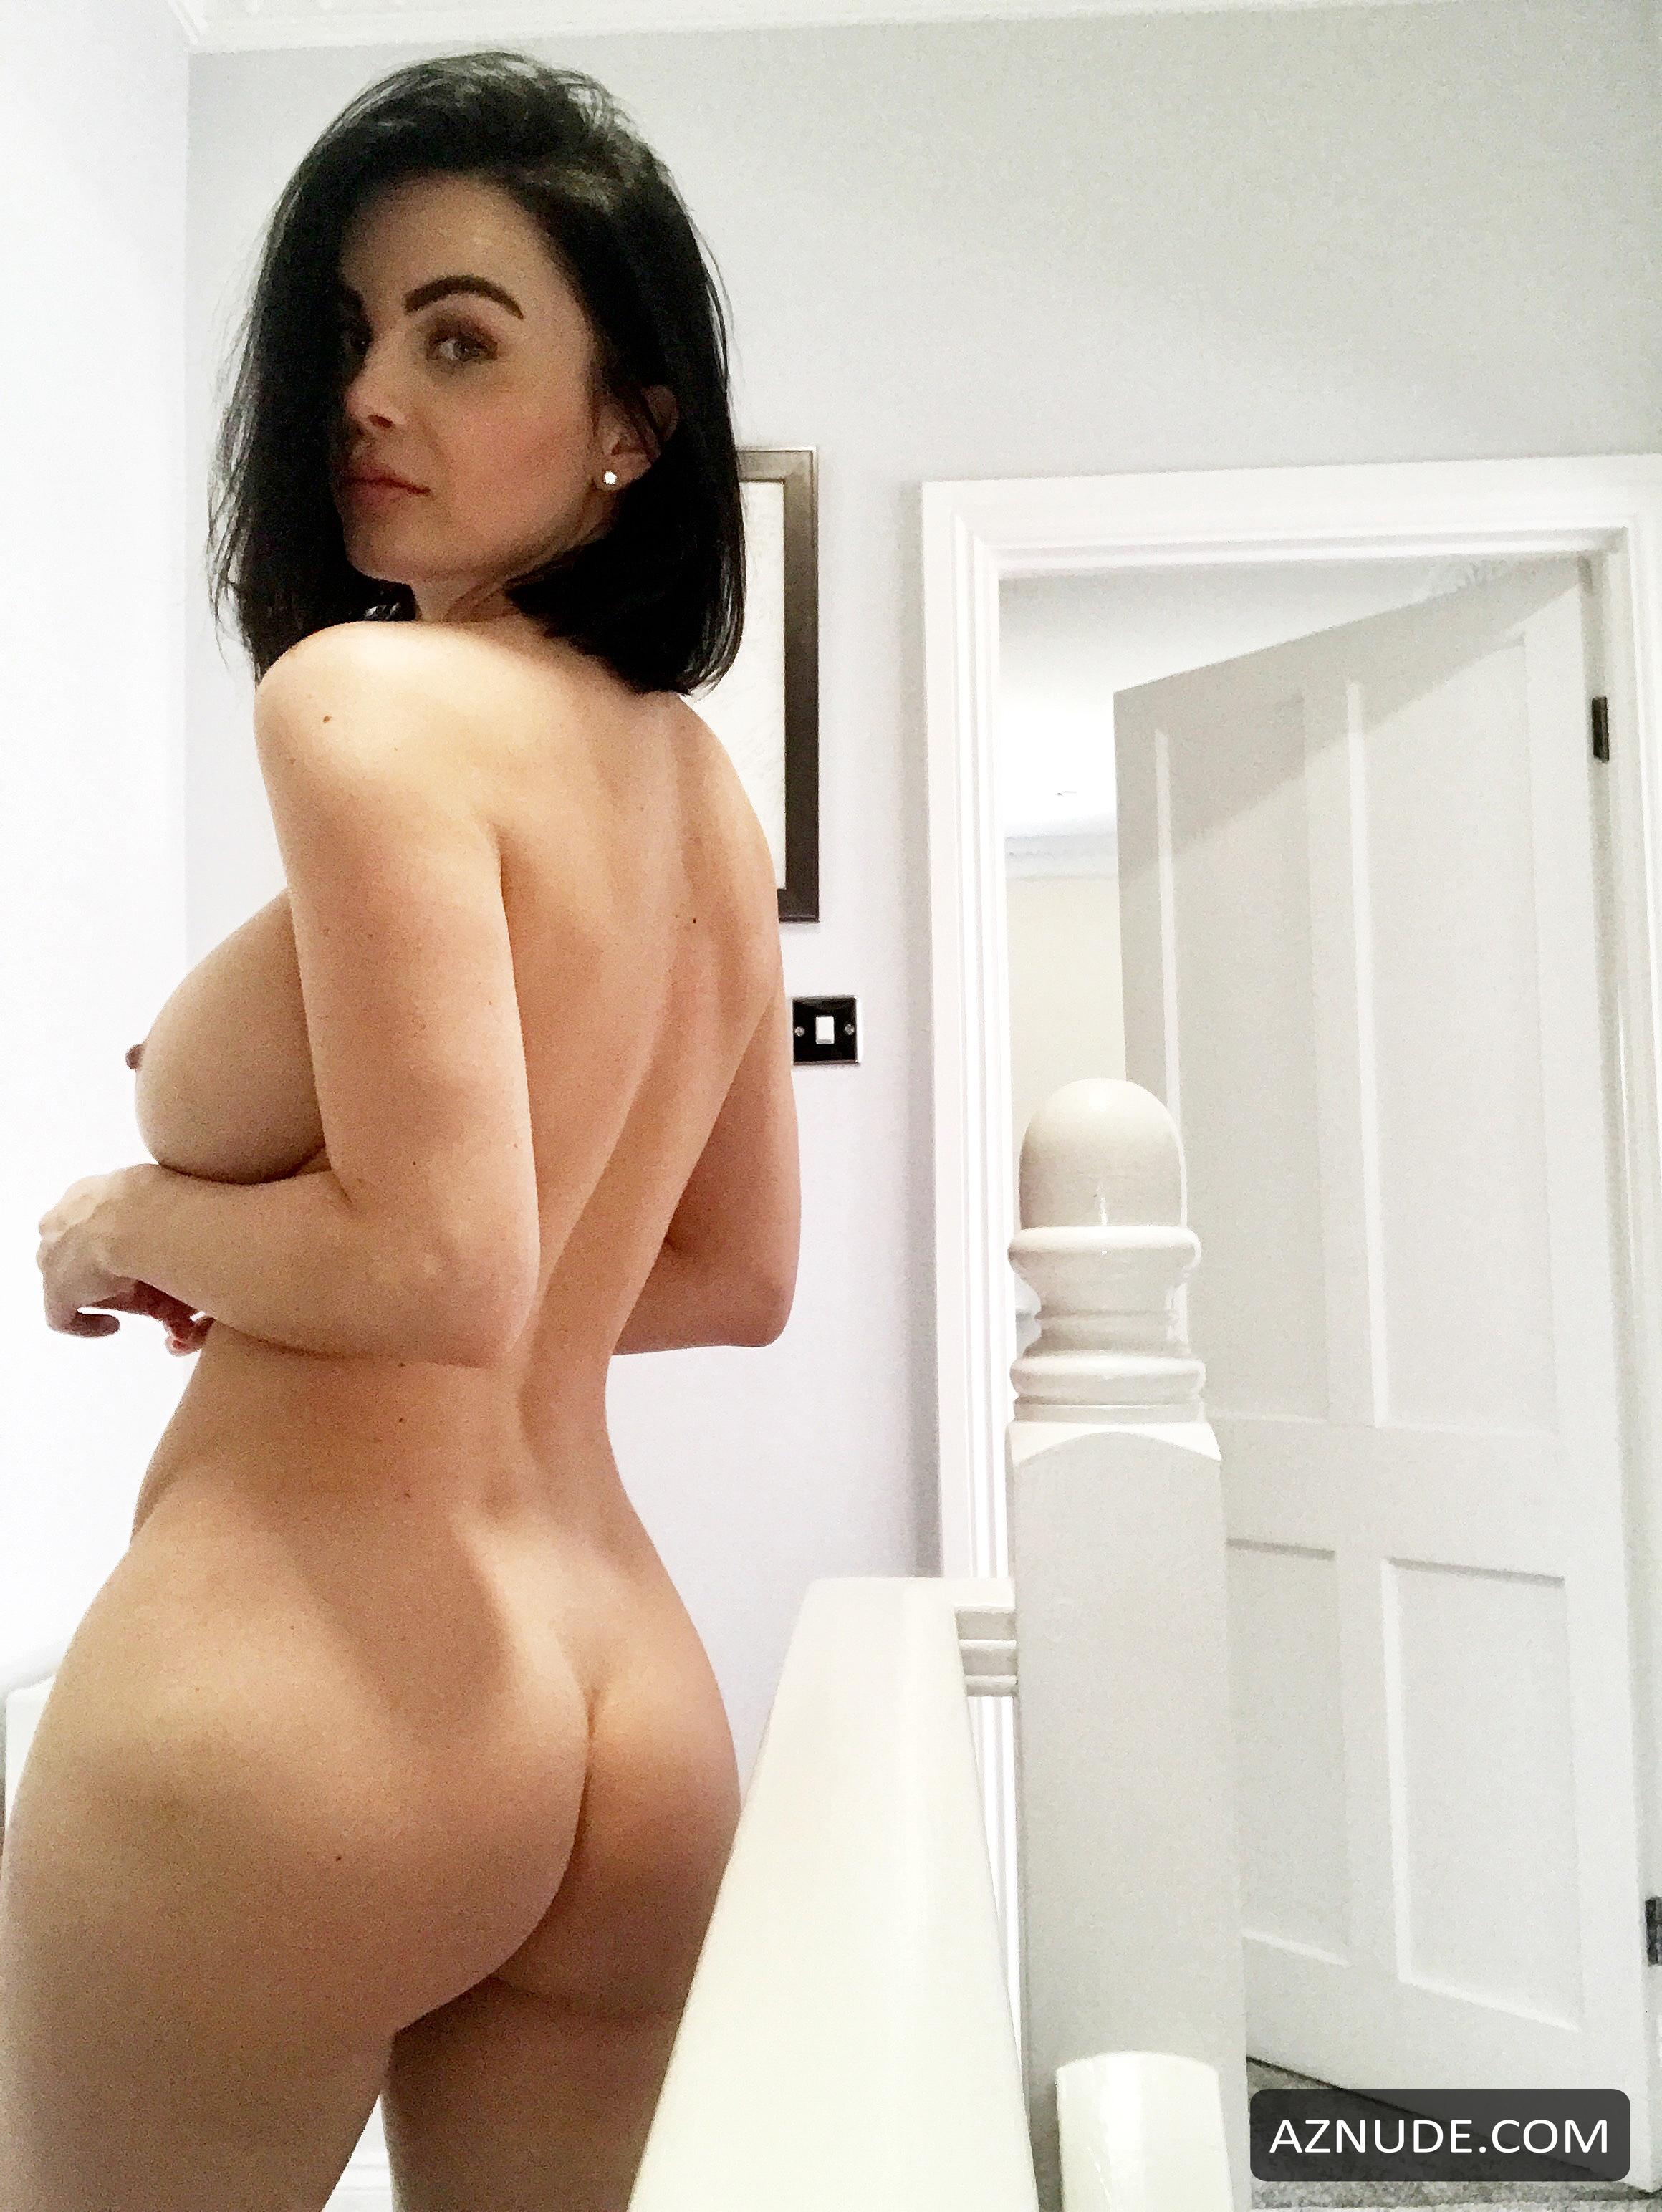 Xxx porno tube Keeley hazell topless bikini